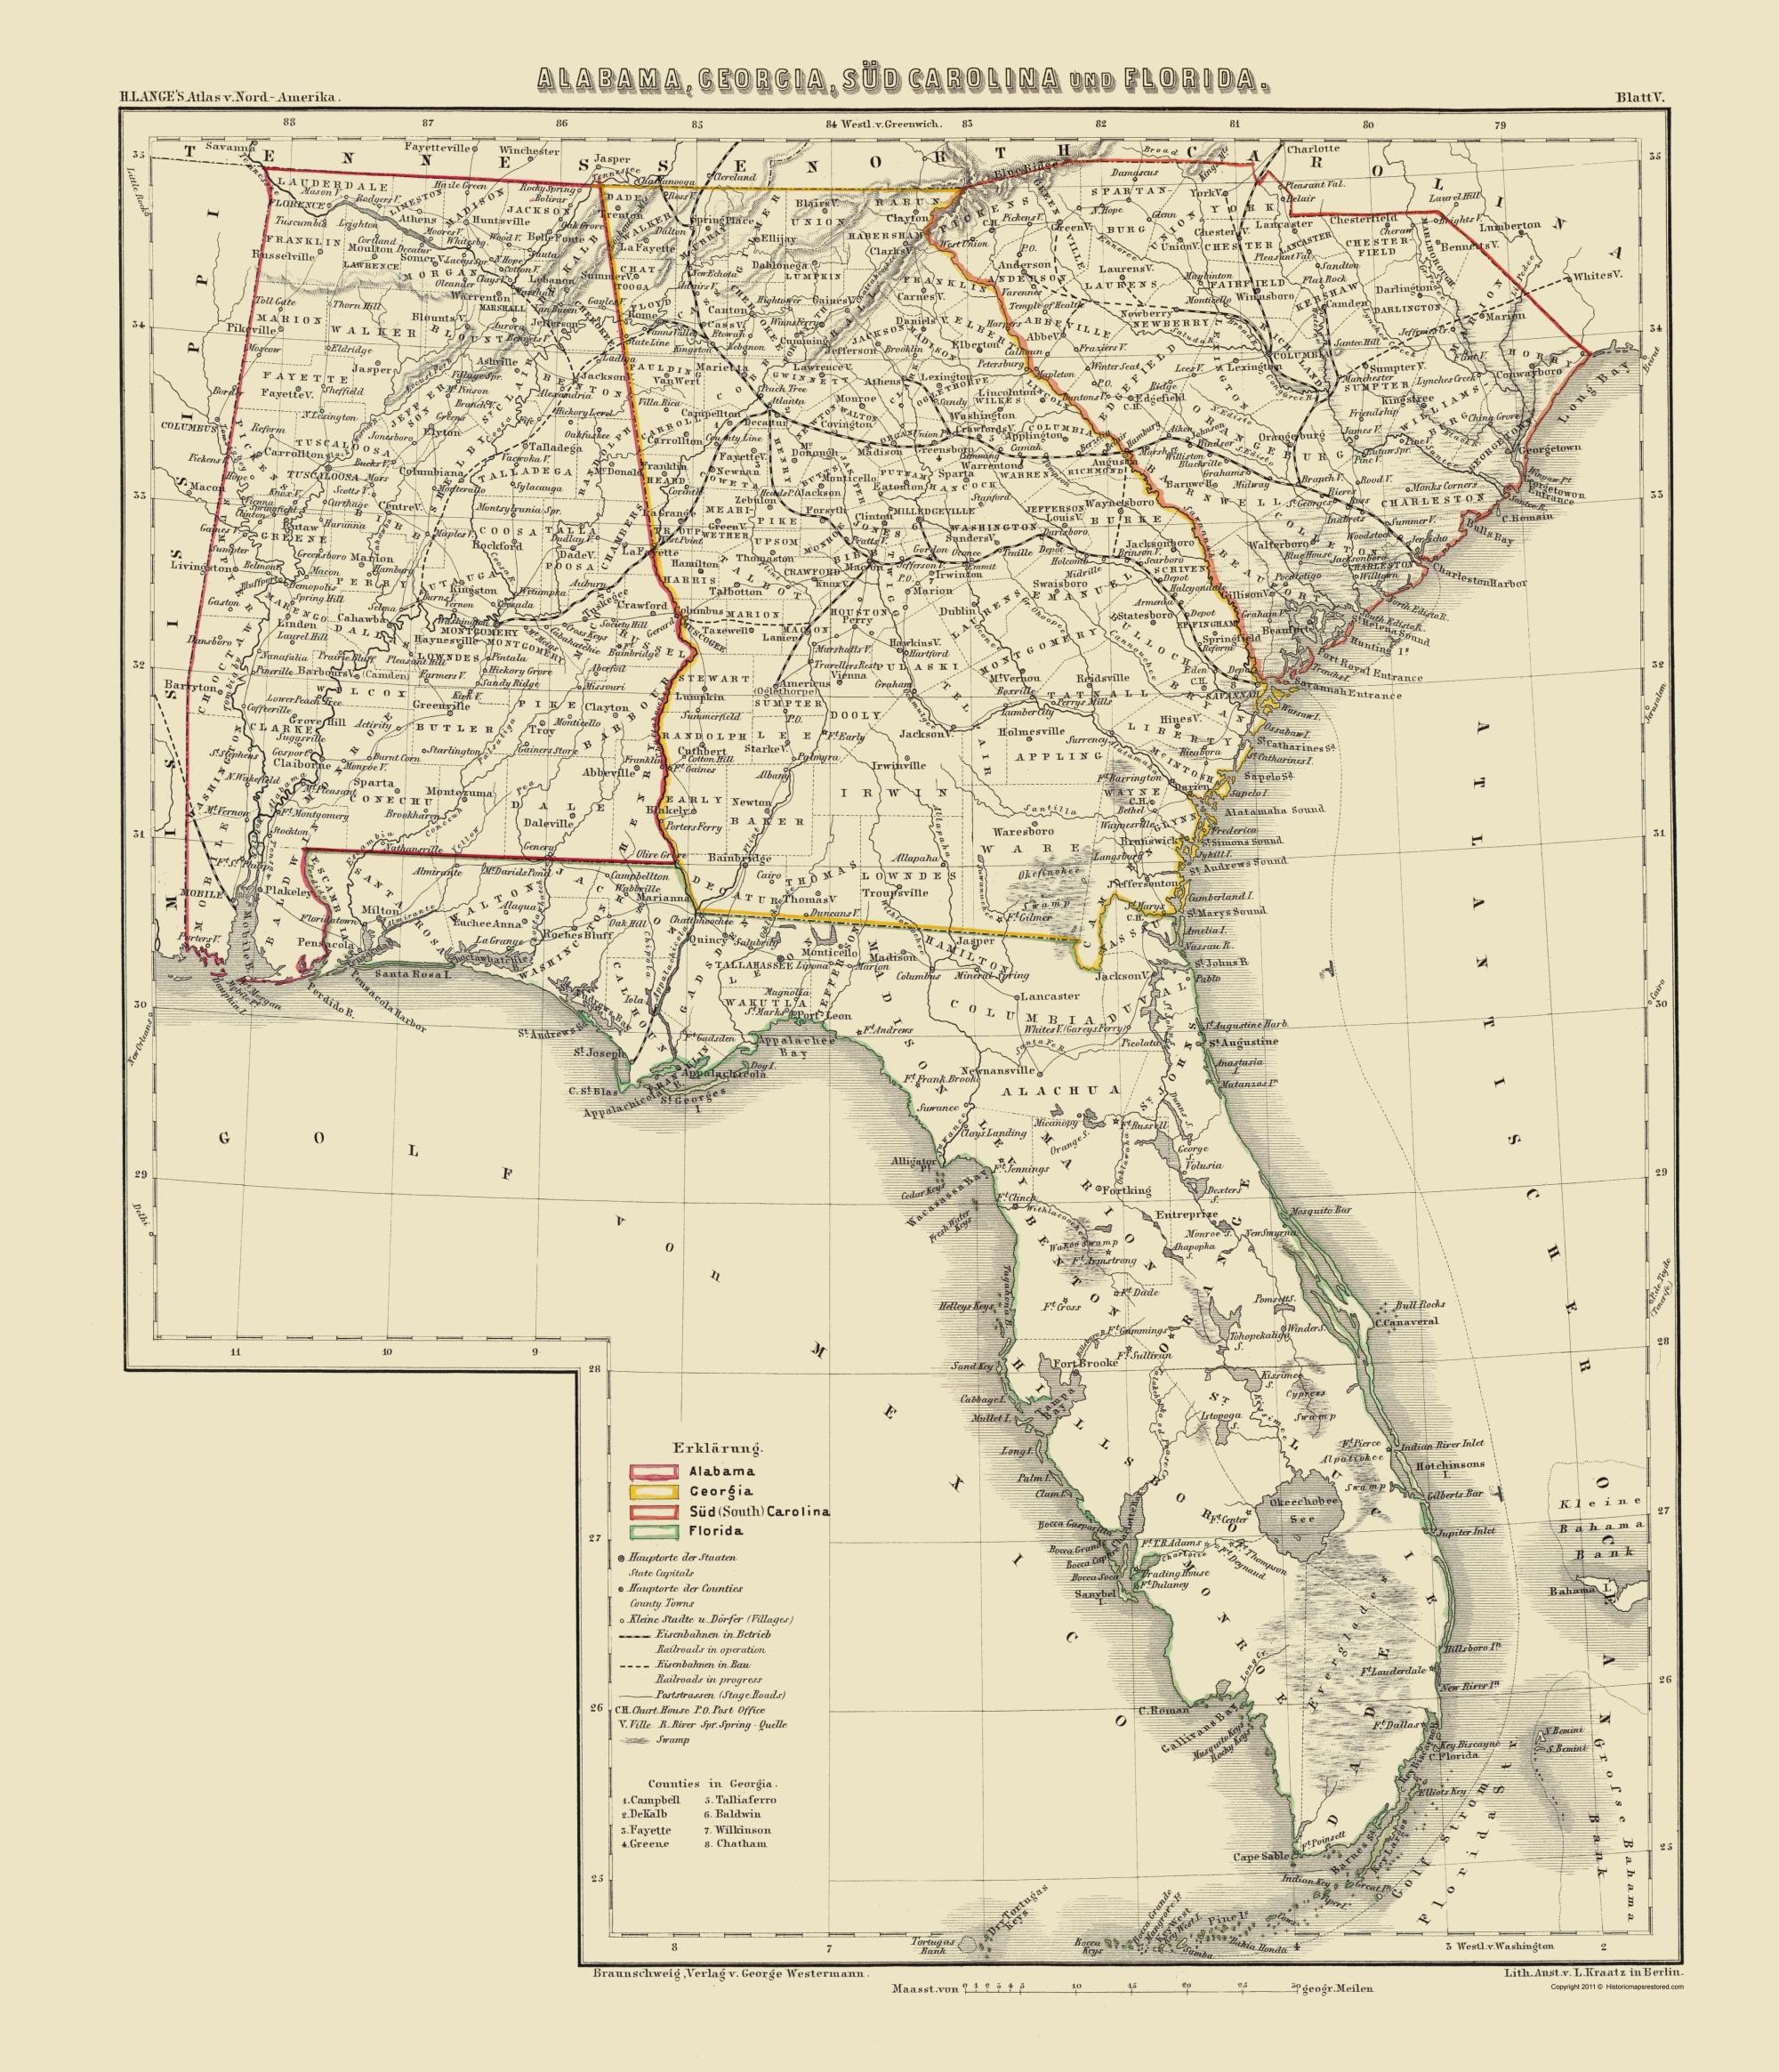 Old Map - Alabama, Georgia, South Carolina, Florida 1854 - Framed Map Of Florida